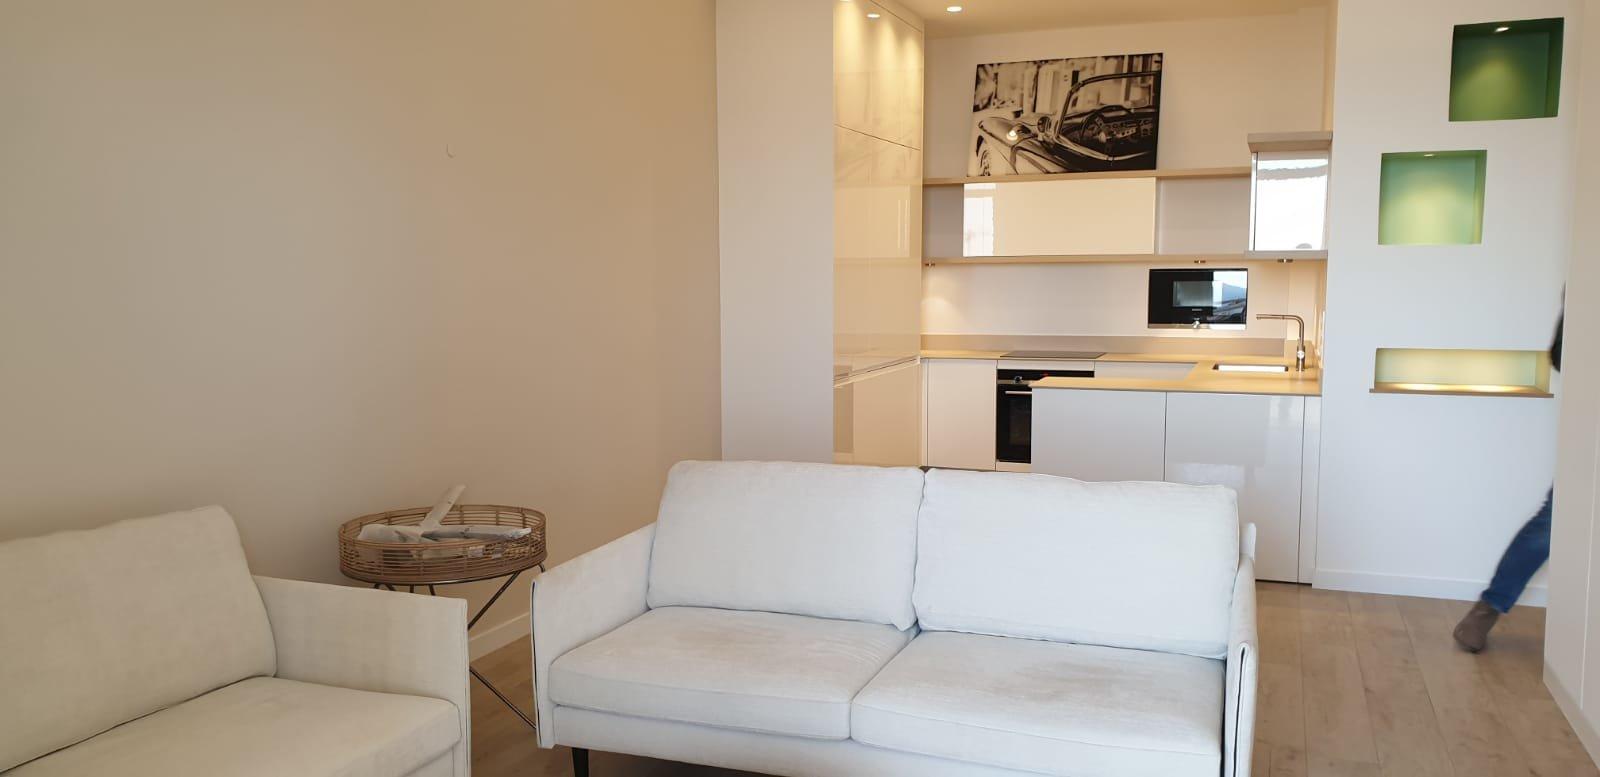 Cannes Montfleury - 3 Pièces 81 m2 Terrasse 25 m2 vue Mer et Garage